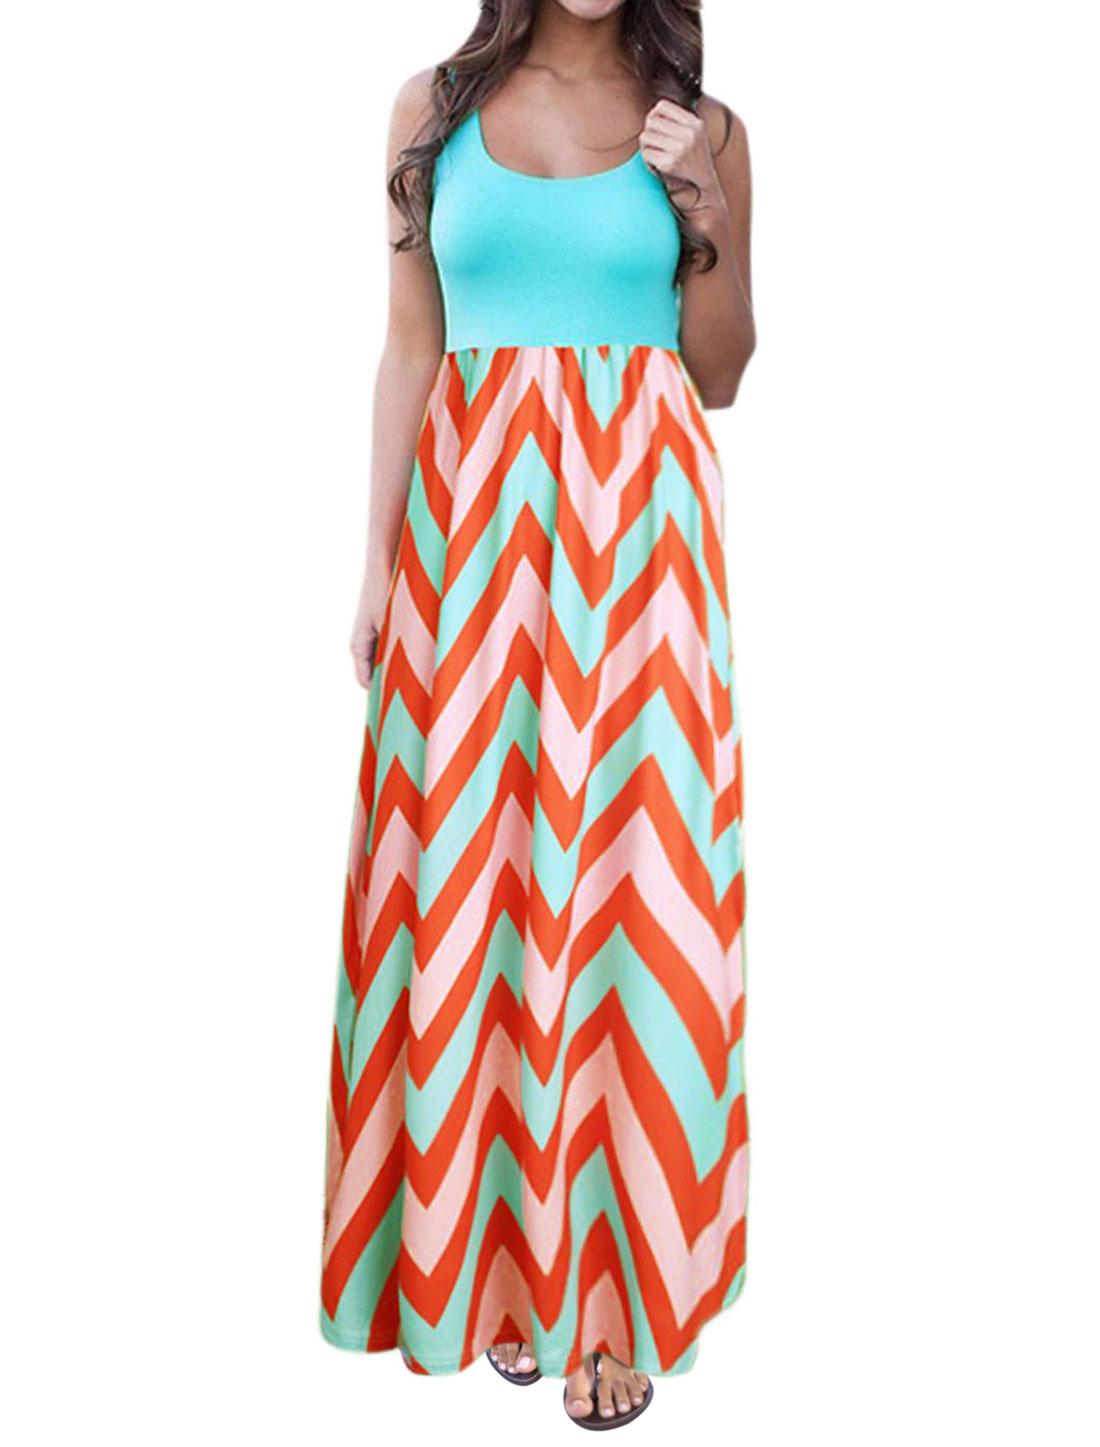 Women Sleeveless Scoop Neck Empire Waist Chevron Maxi Dress Light Blue L